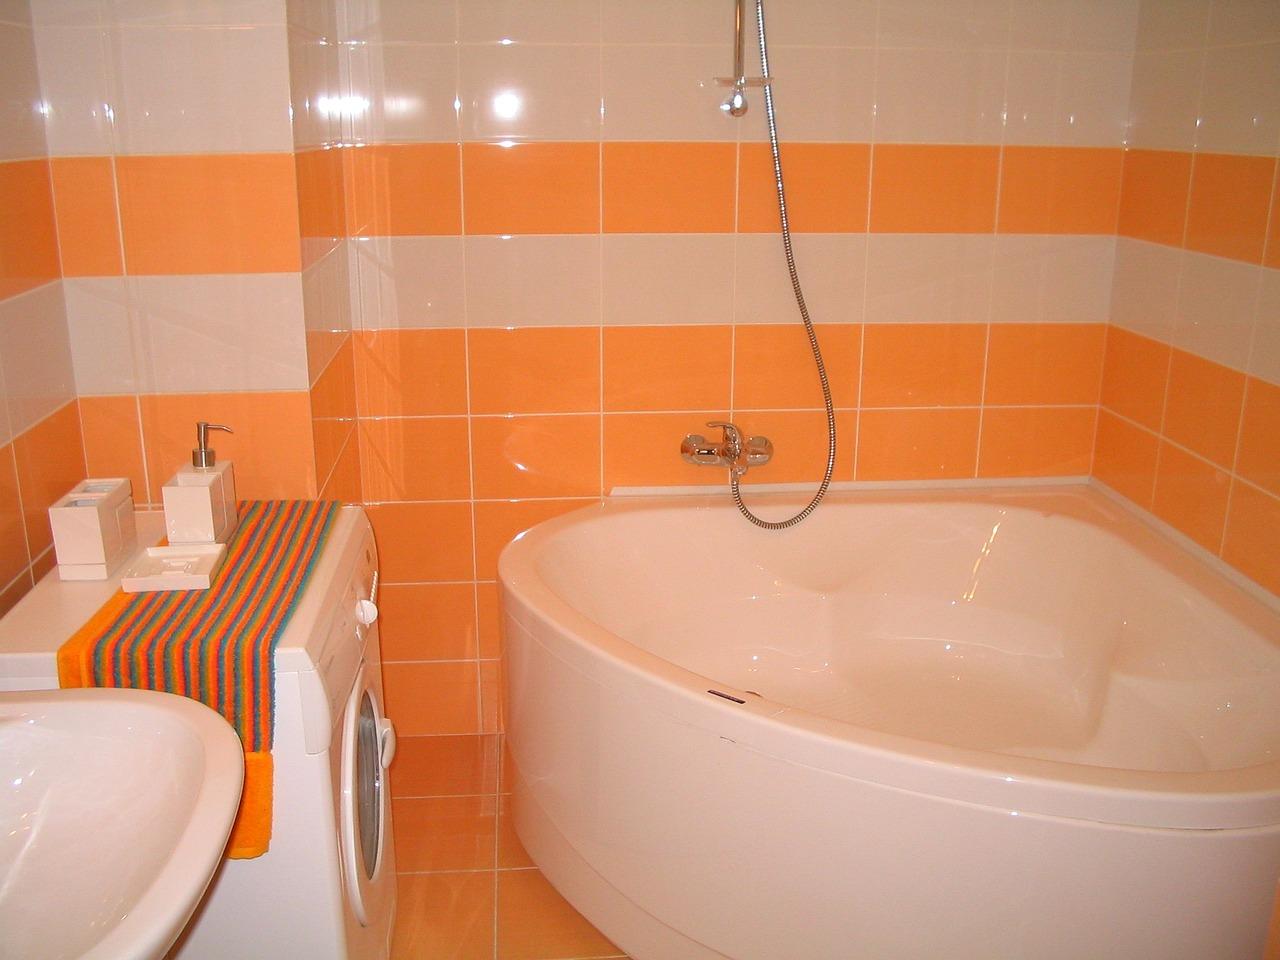 dessin détaillé de la salle de bain